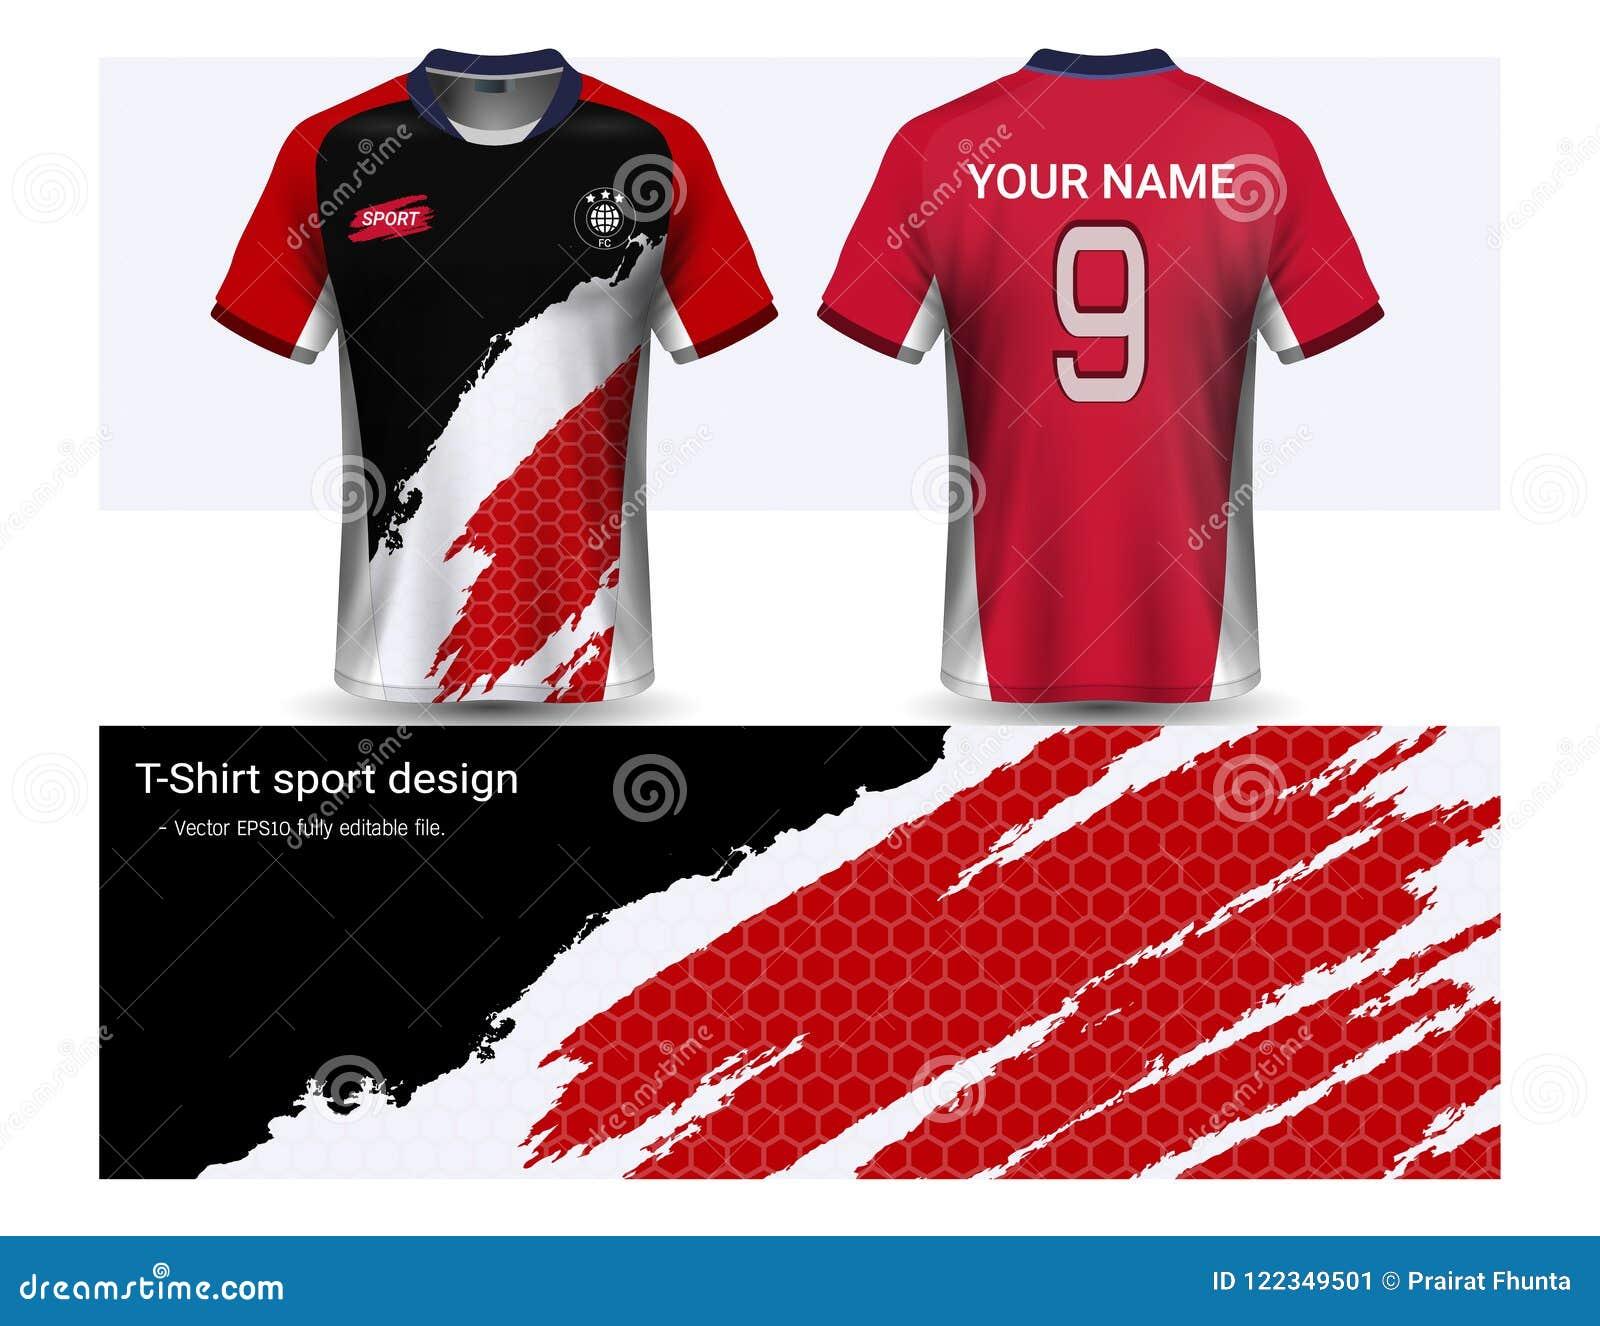 logo soccer download shots